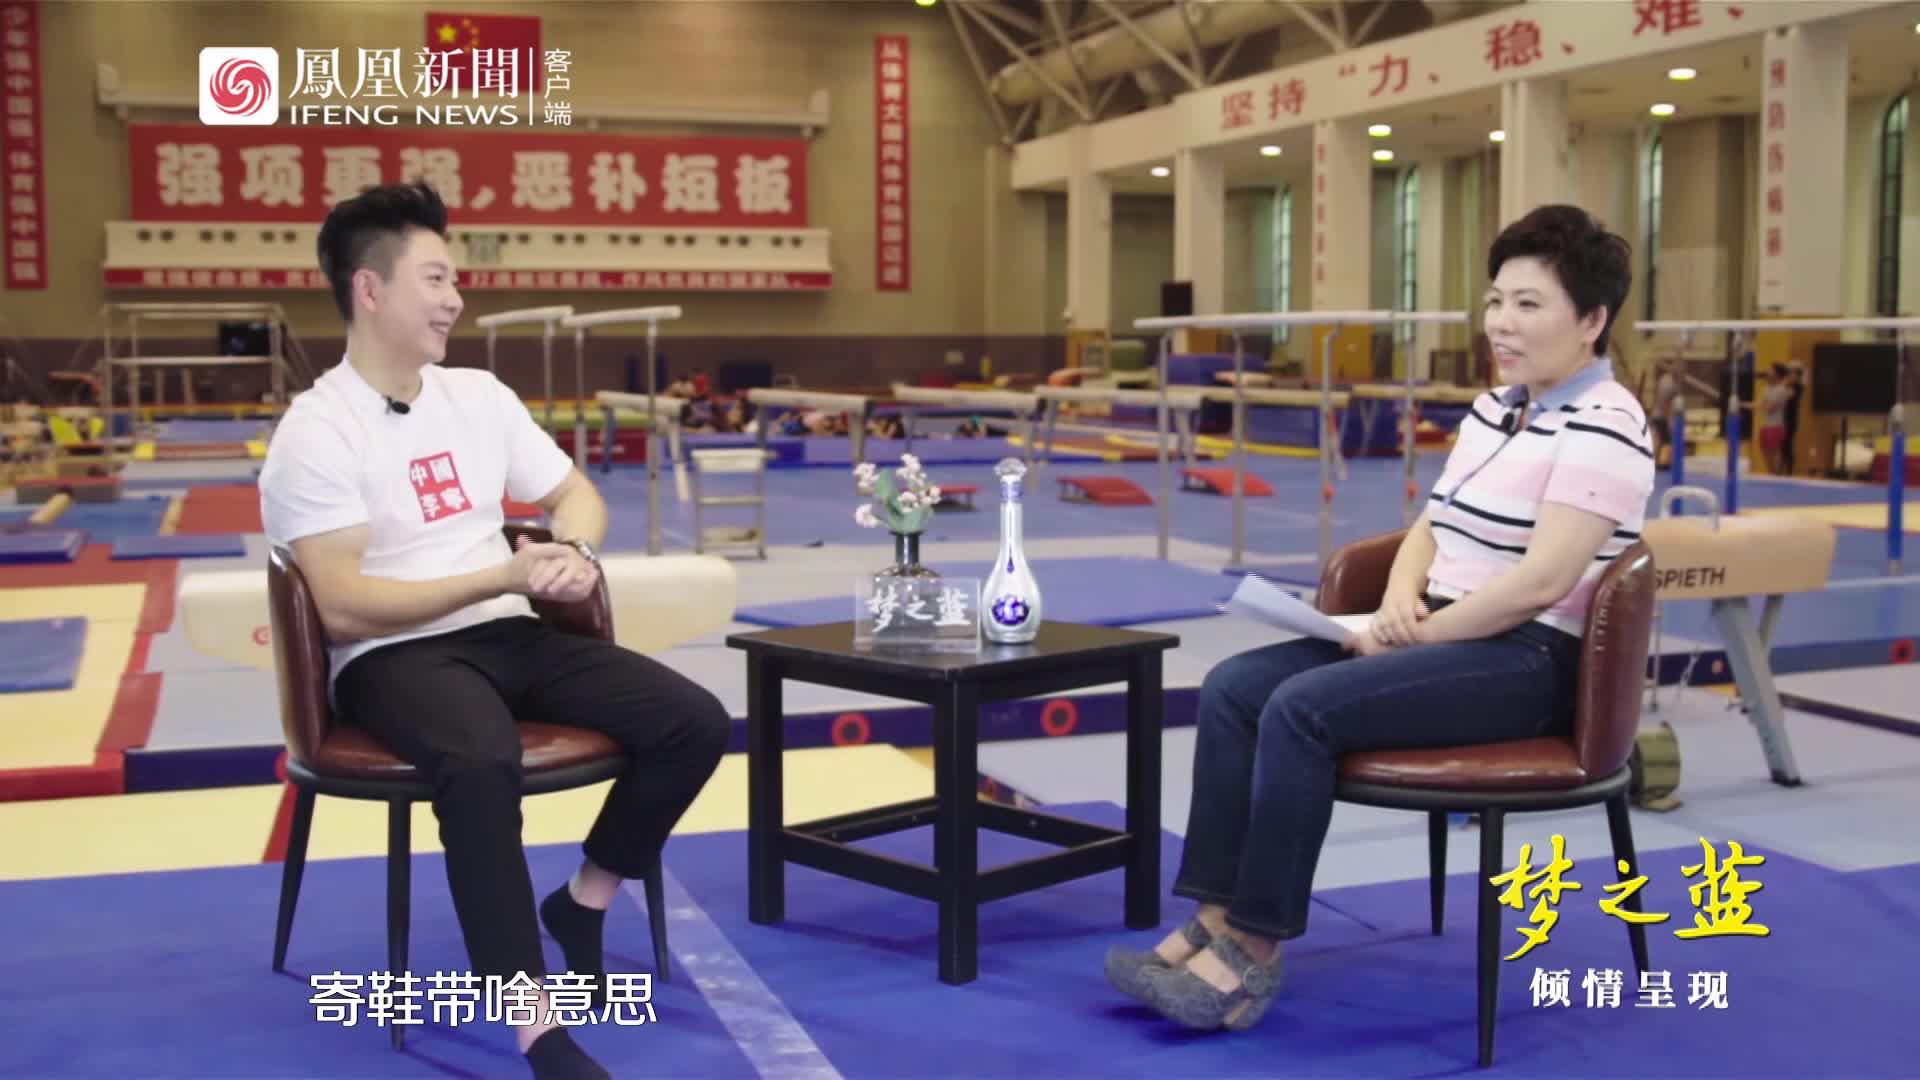 独家| 体操王子李小鹏:一年吃尽一辈子练体操的苦